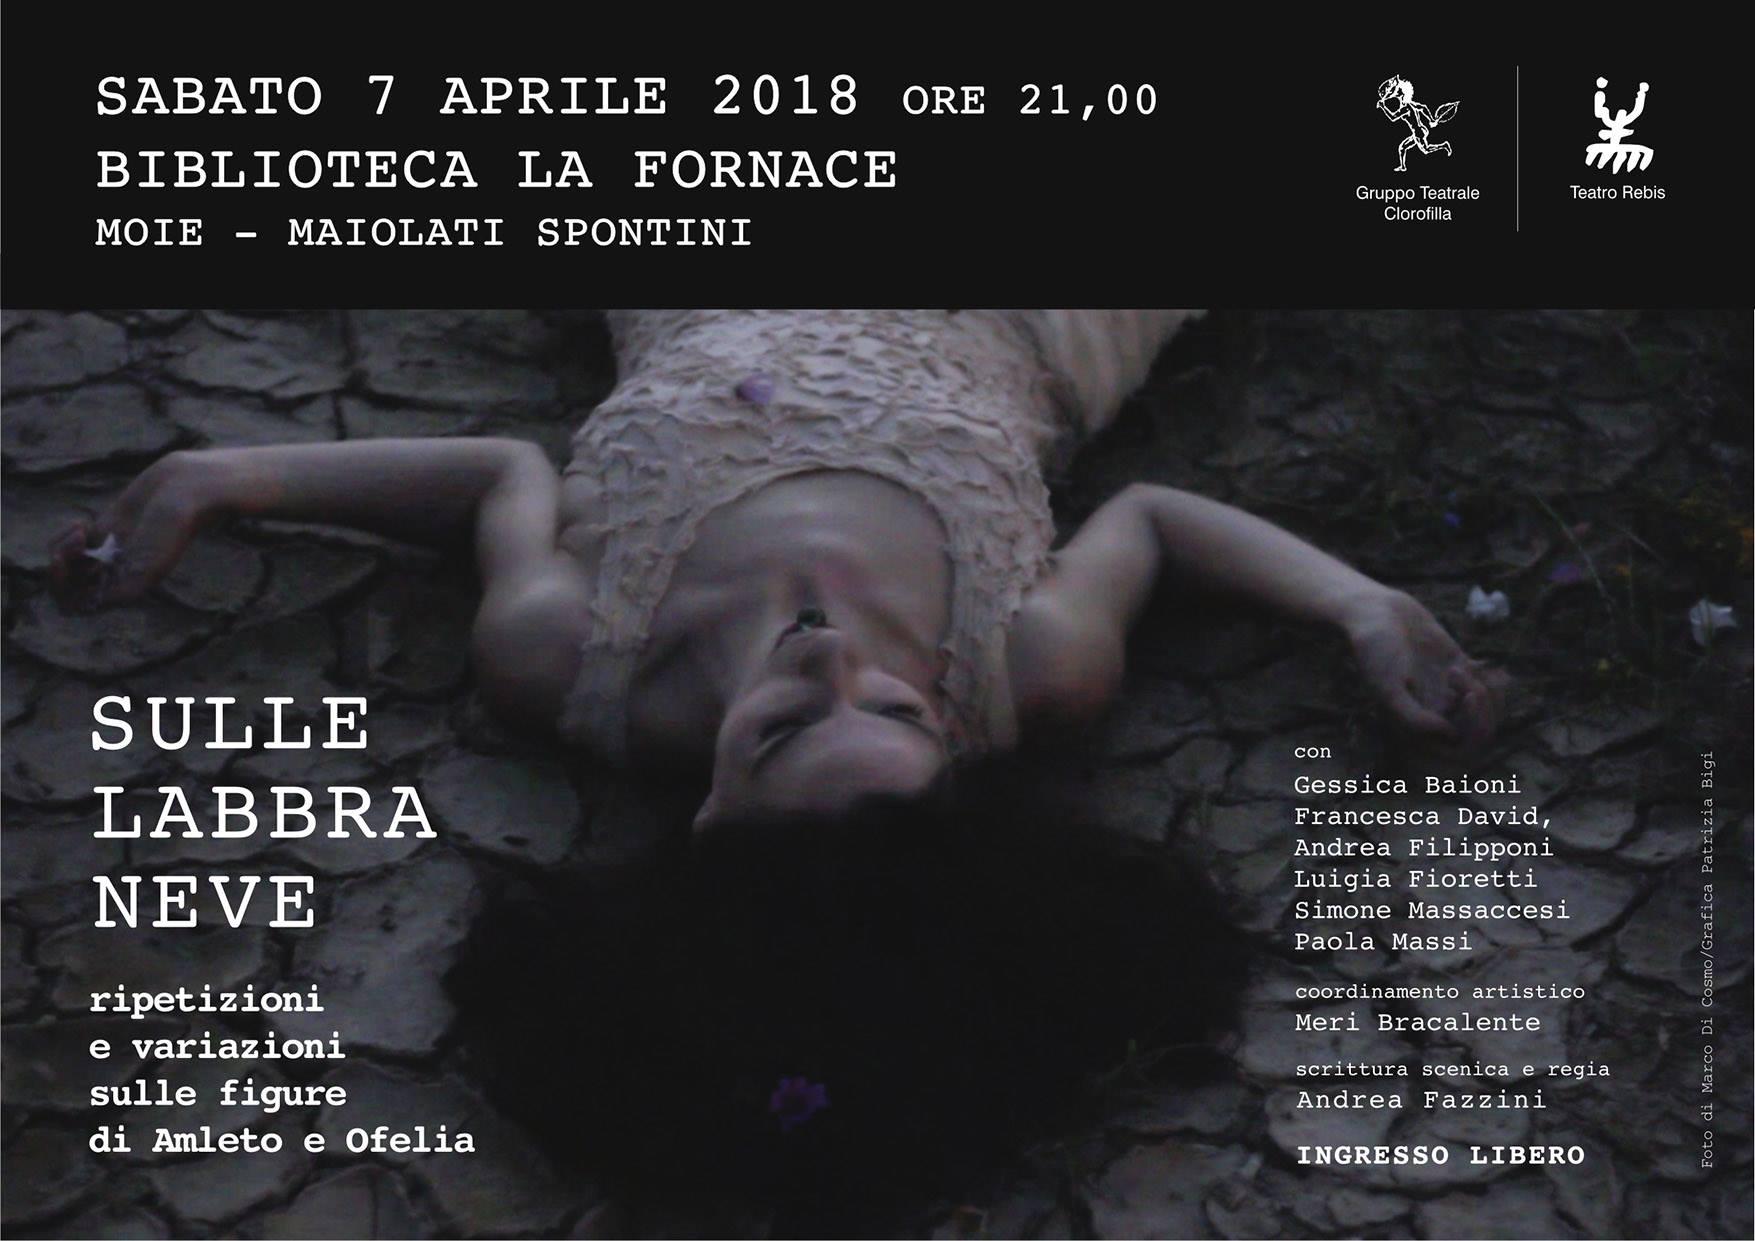 locandina spettacolo teatro rebis protagonista gessica baioni